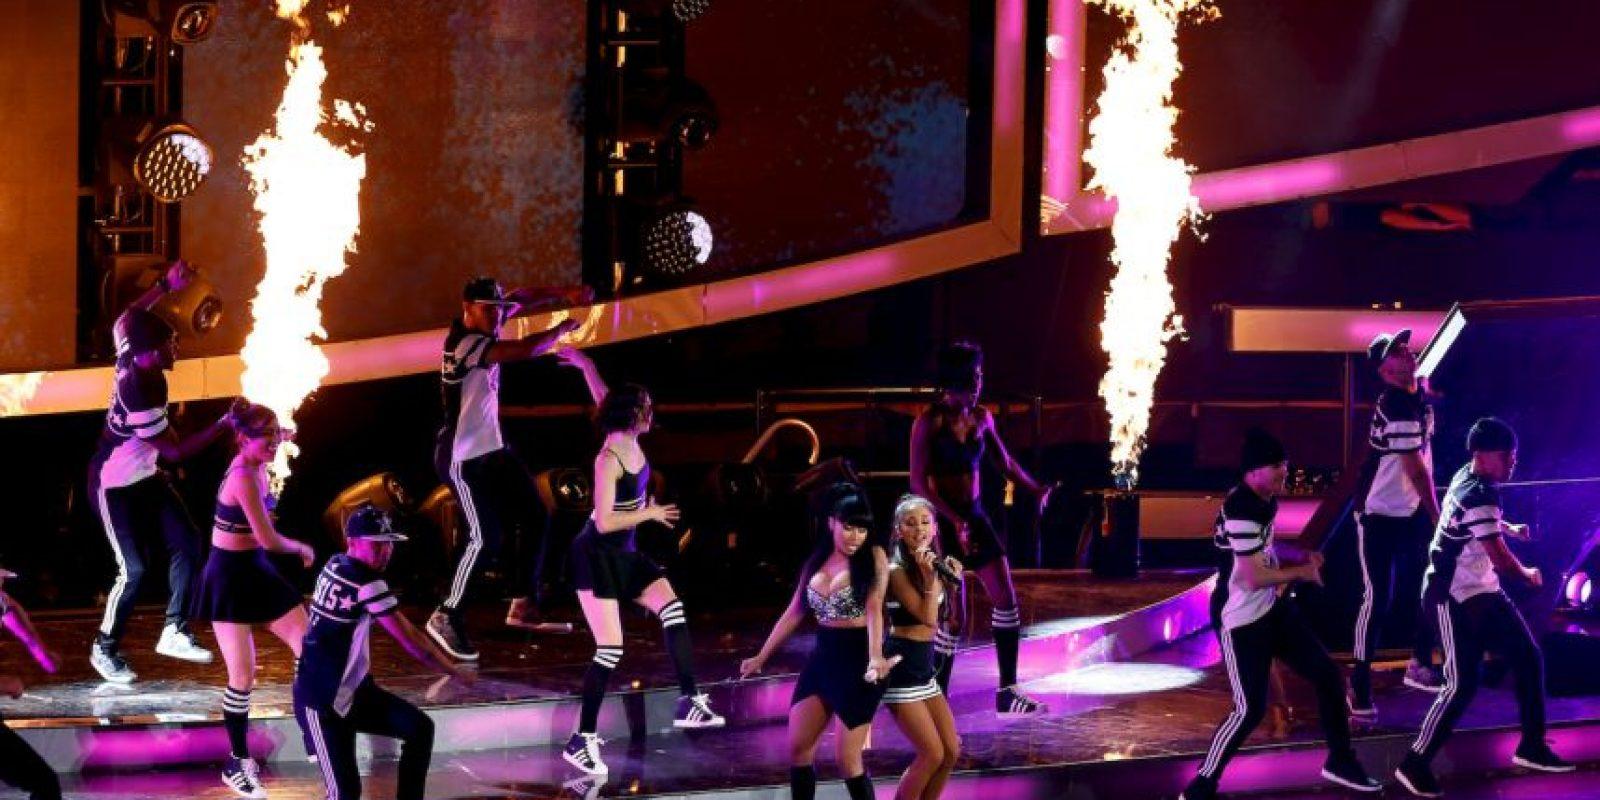 El show del medio tiempo, a cargo de Ariana Grande y Nicki Minaj Foto:Getty Images